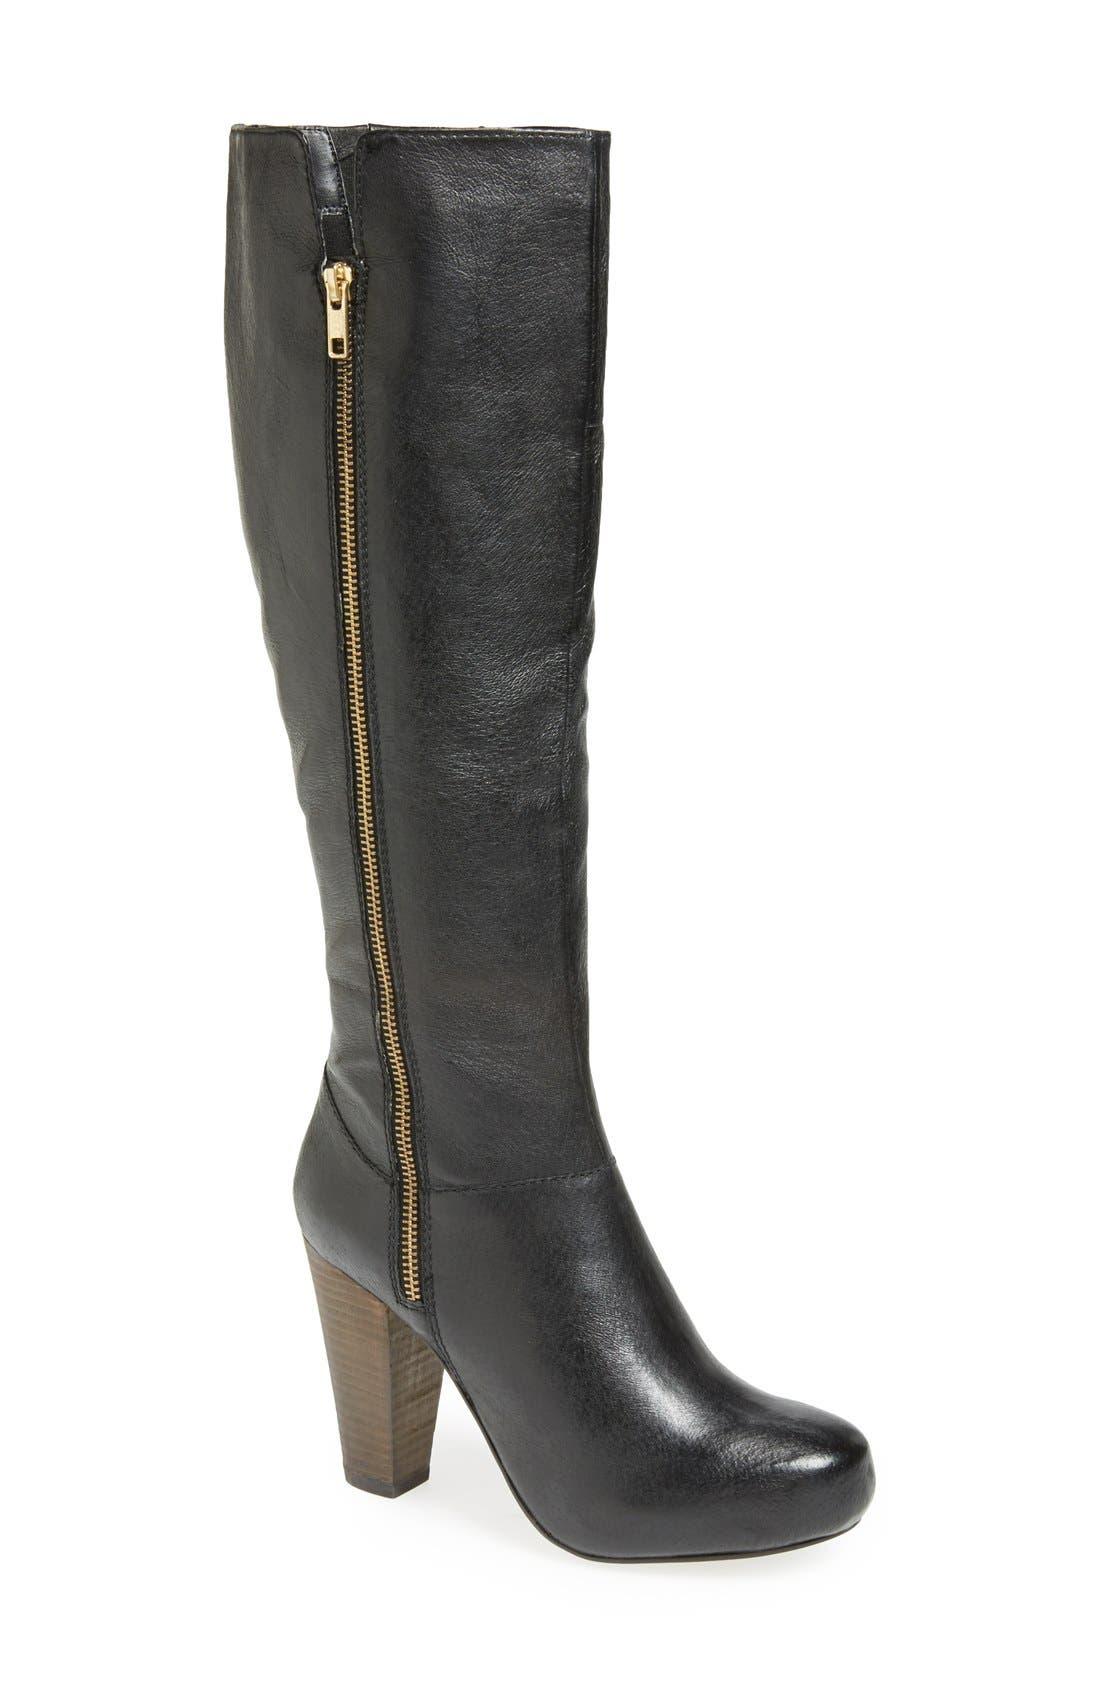 Alternate Image 1 Selected - Steve Madden 'Rikki' Tall Riding Boot (Women)